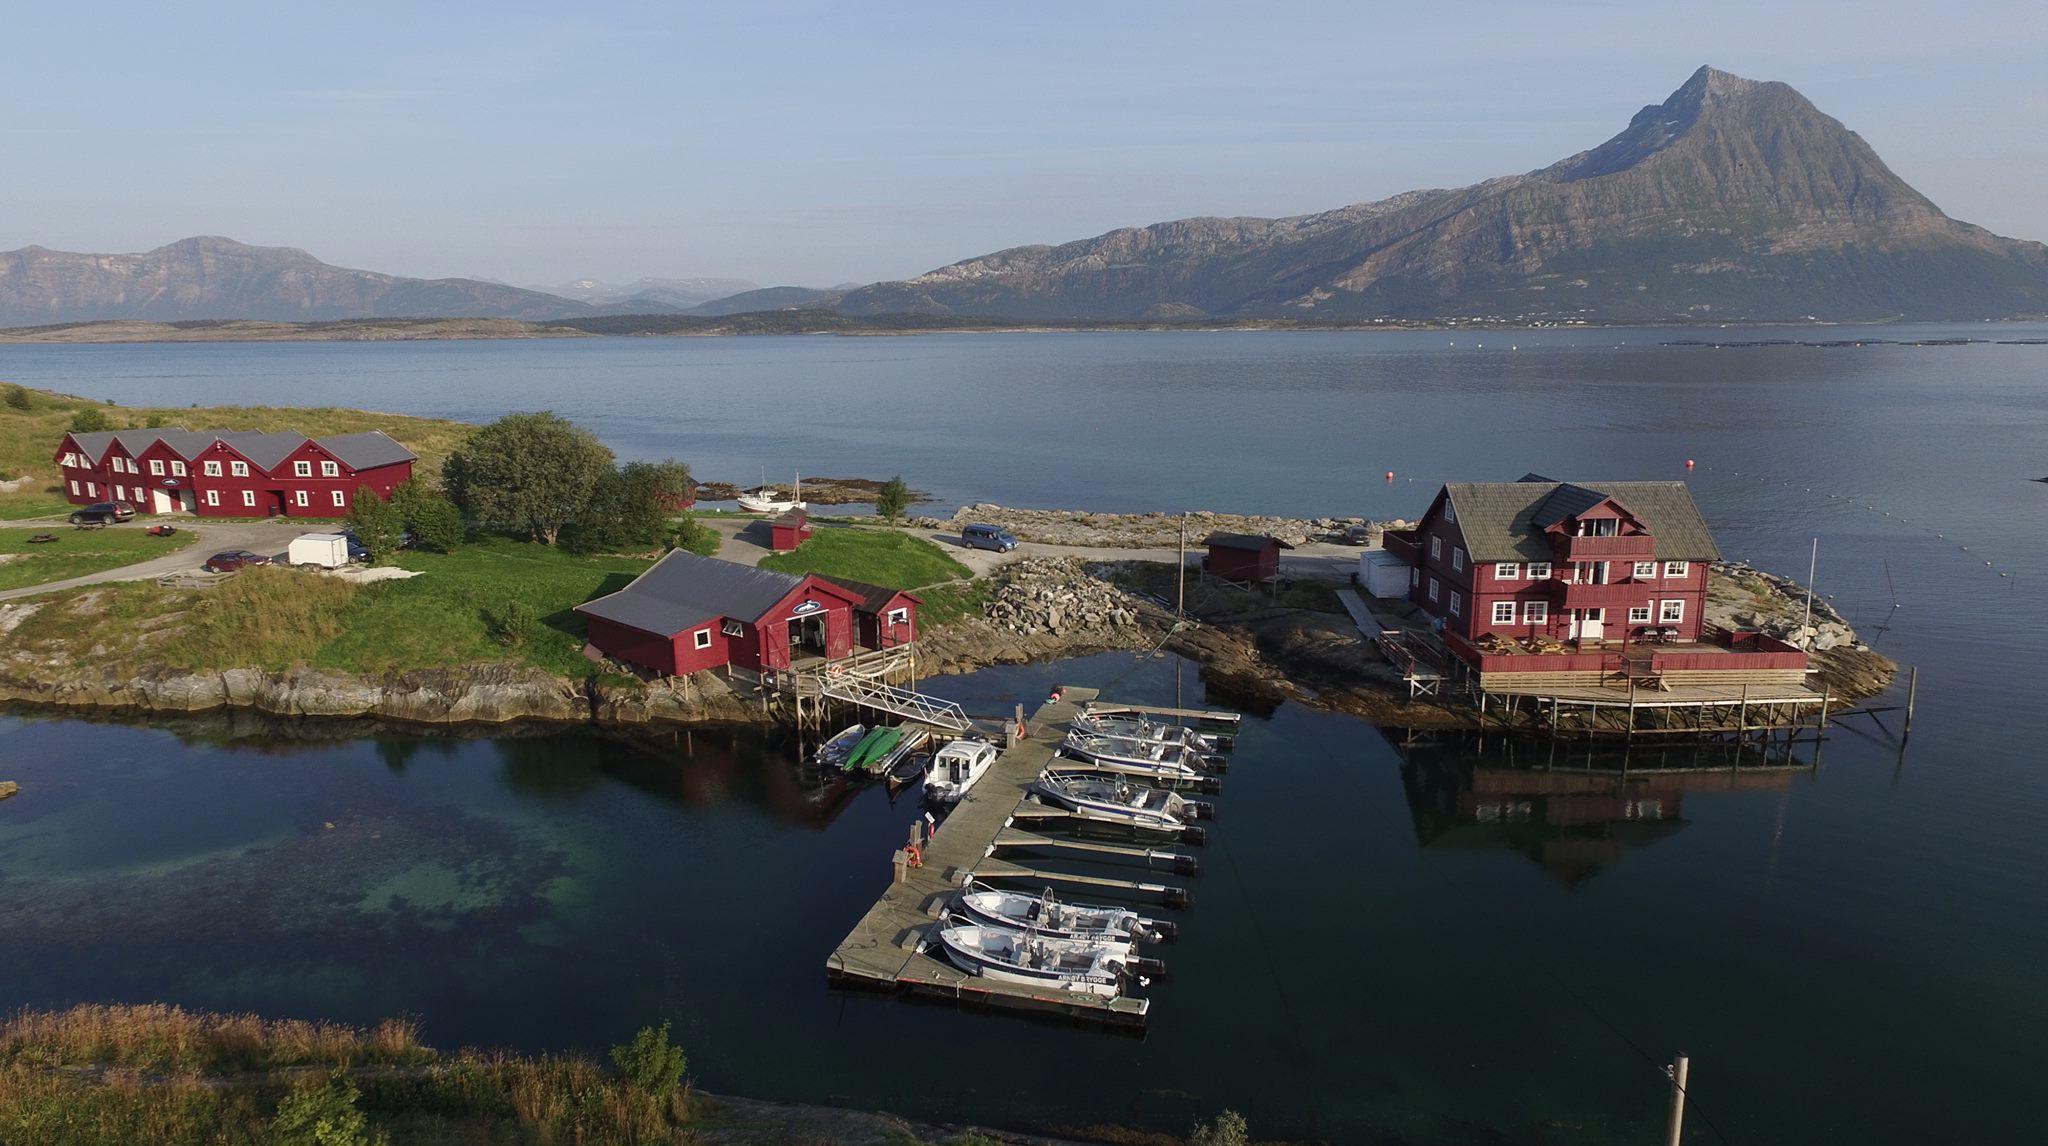 Arnøy Brygge - Nord-Arnøy - Arnøy Brygge leverer en totalopplevelse for alle anledninger, med overnatting, restaurant og utleie av båt i tillegg til andre spennende aktiviteter for å oppleve Gildeskåls natur.